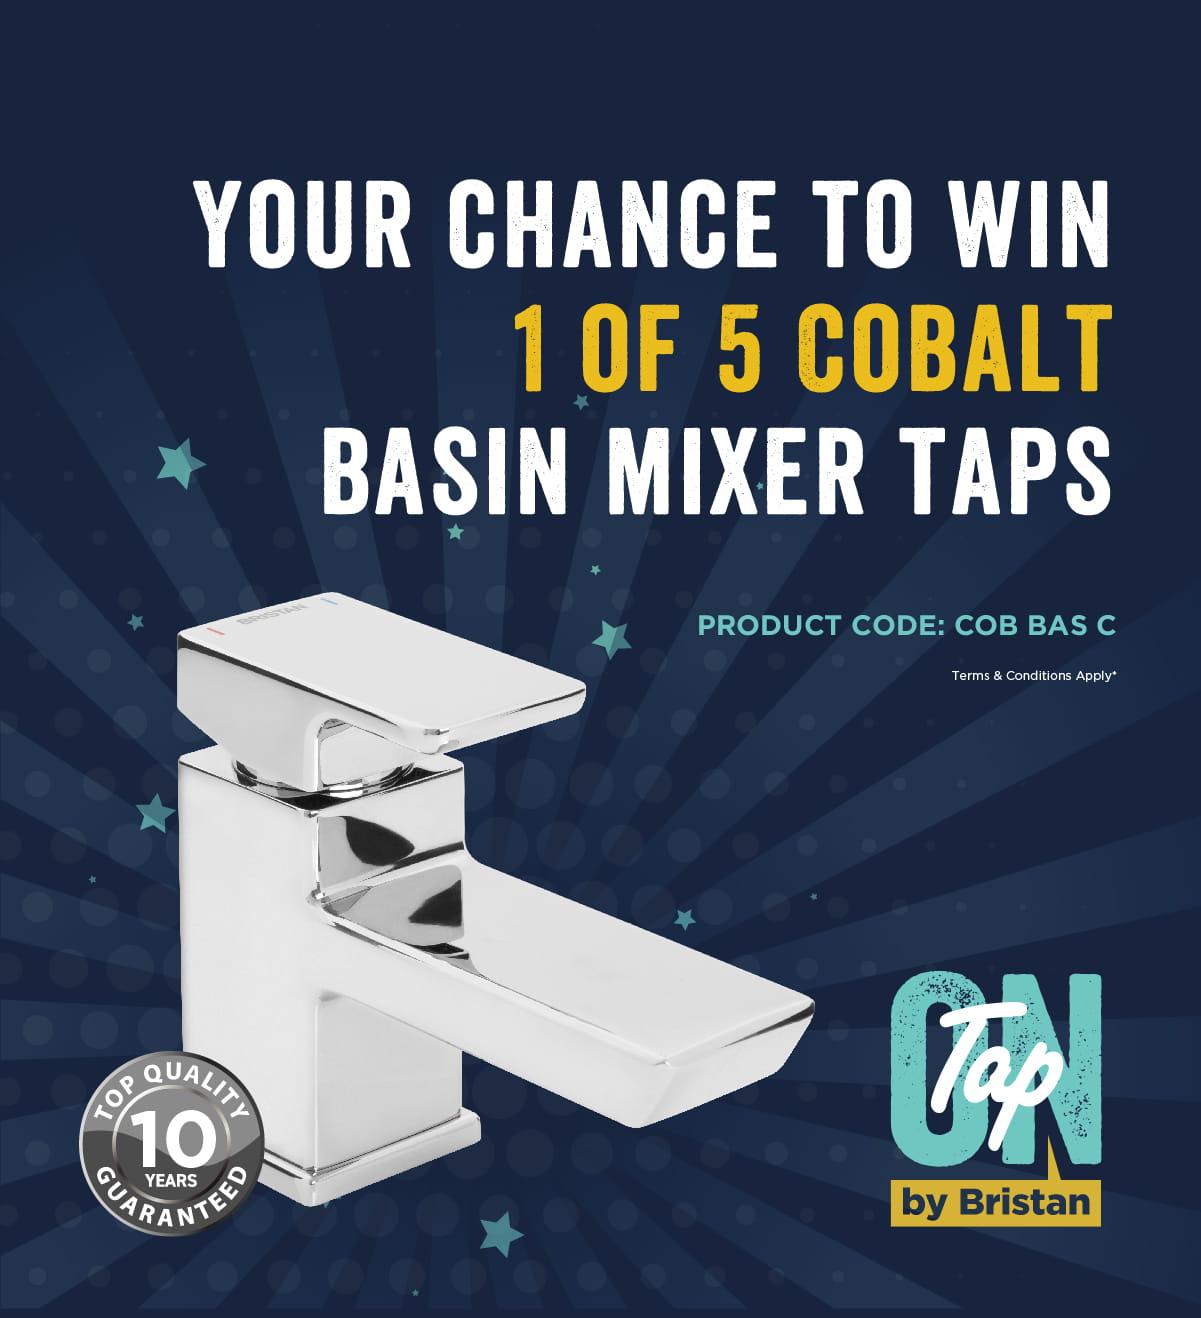 Win an Artisan Thermsotatic Bar Shower